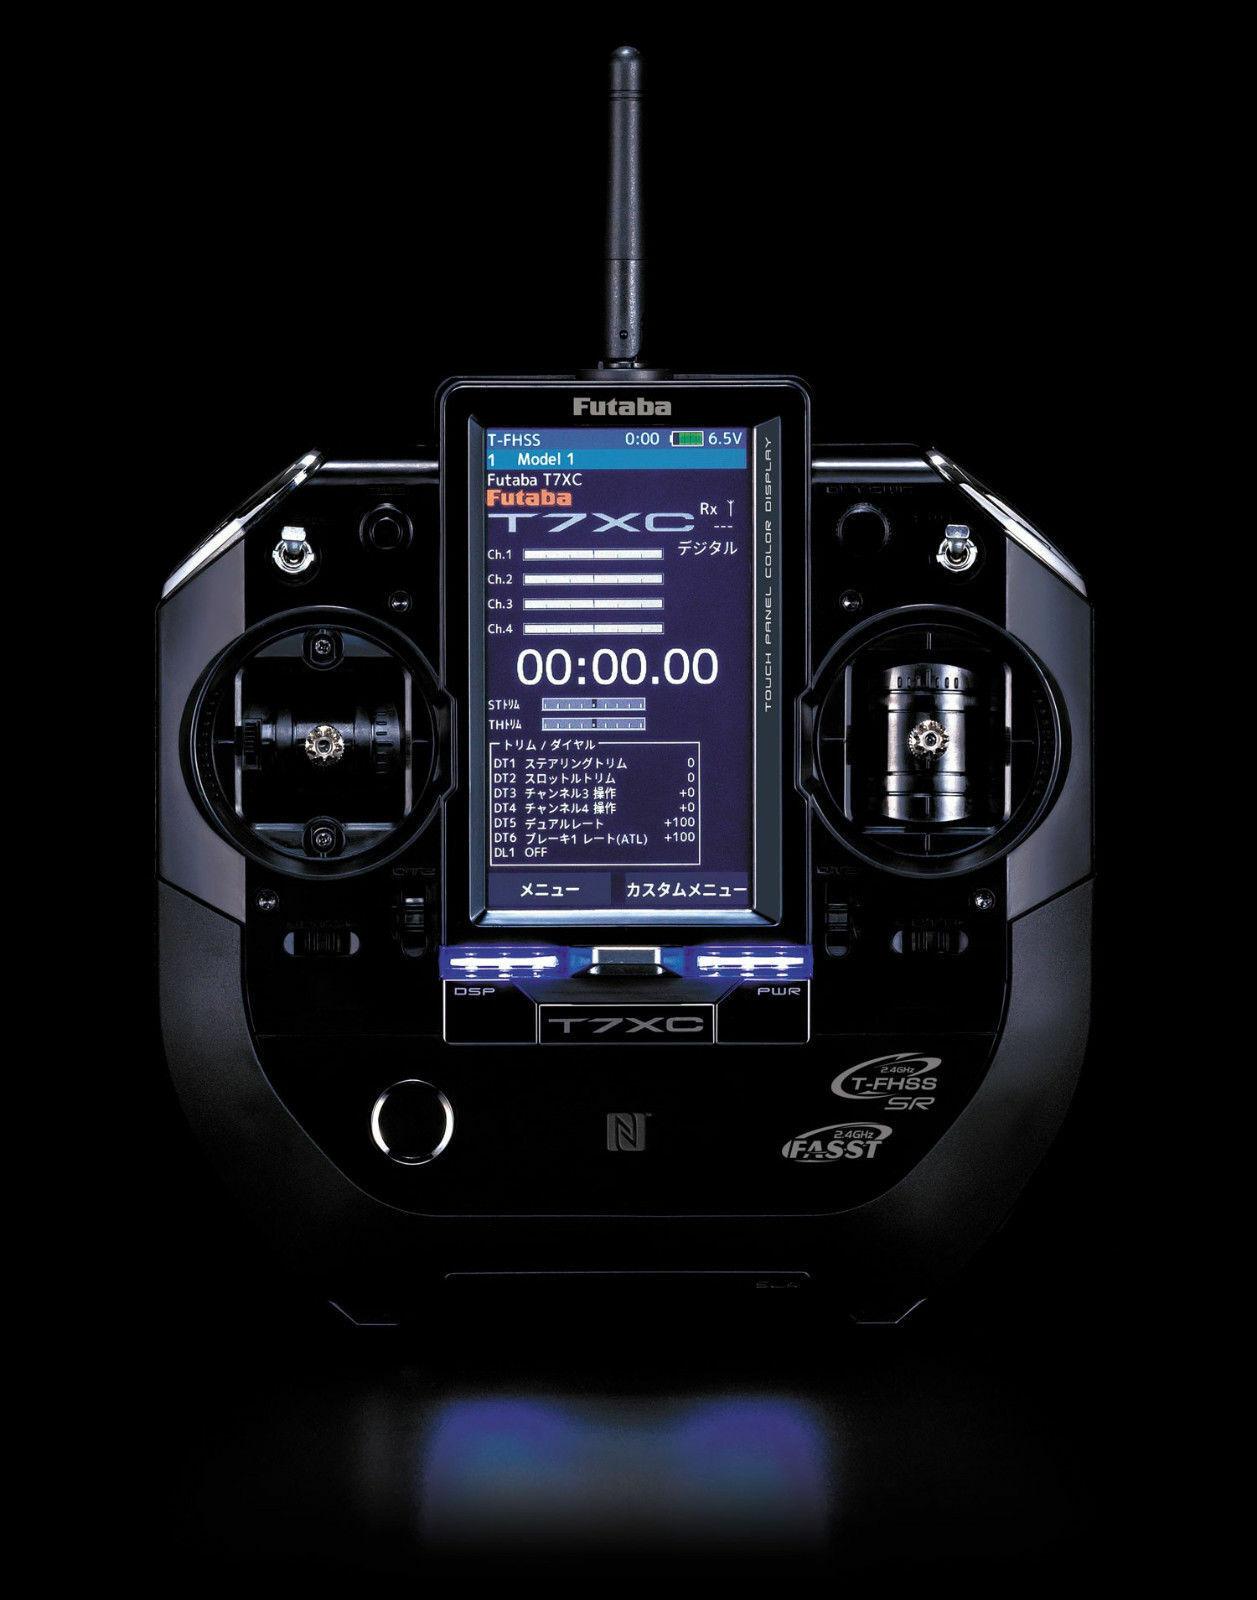 Radiocomando Futaba TX 7XC-R334SBS Profy